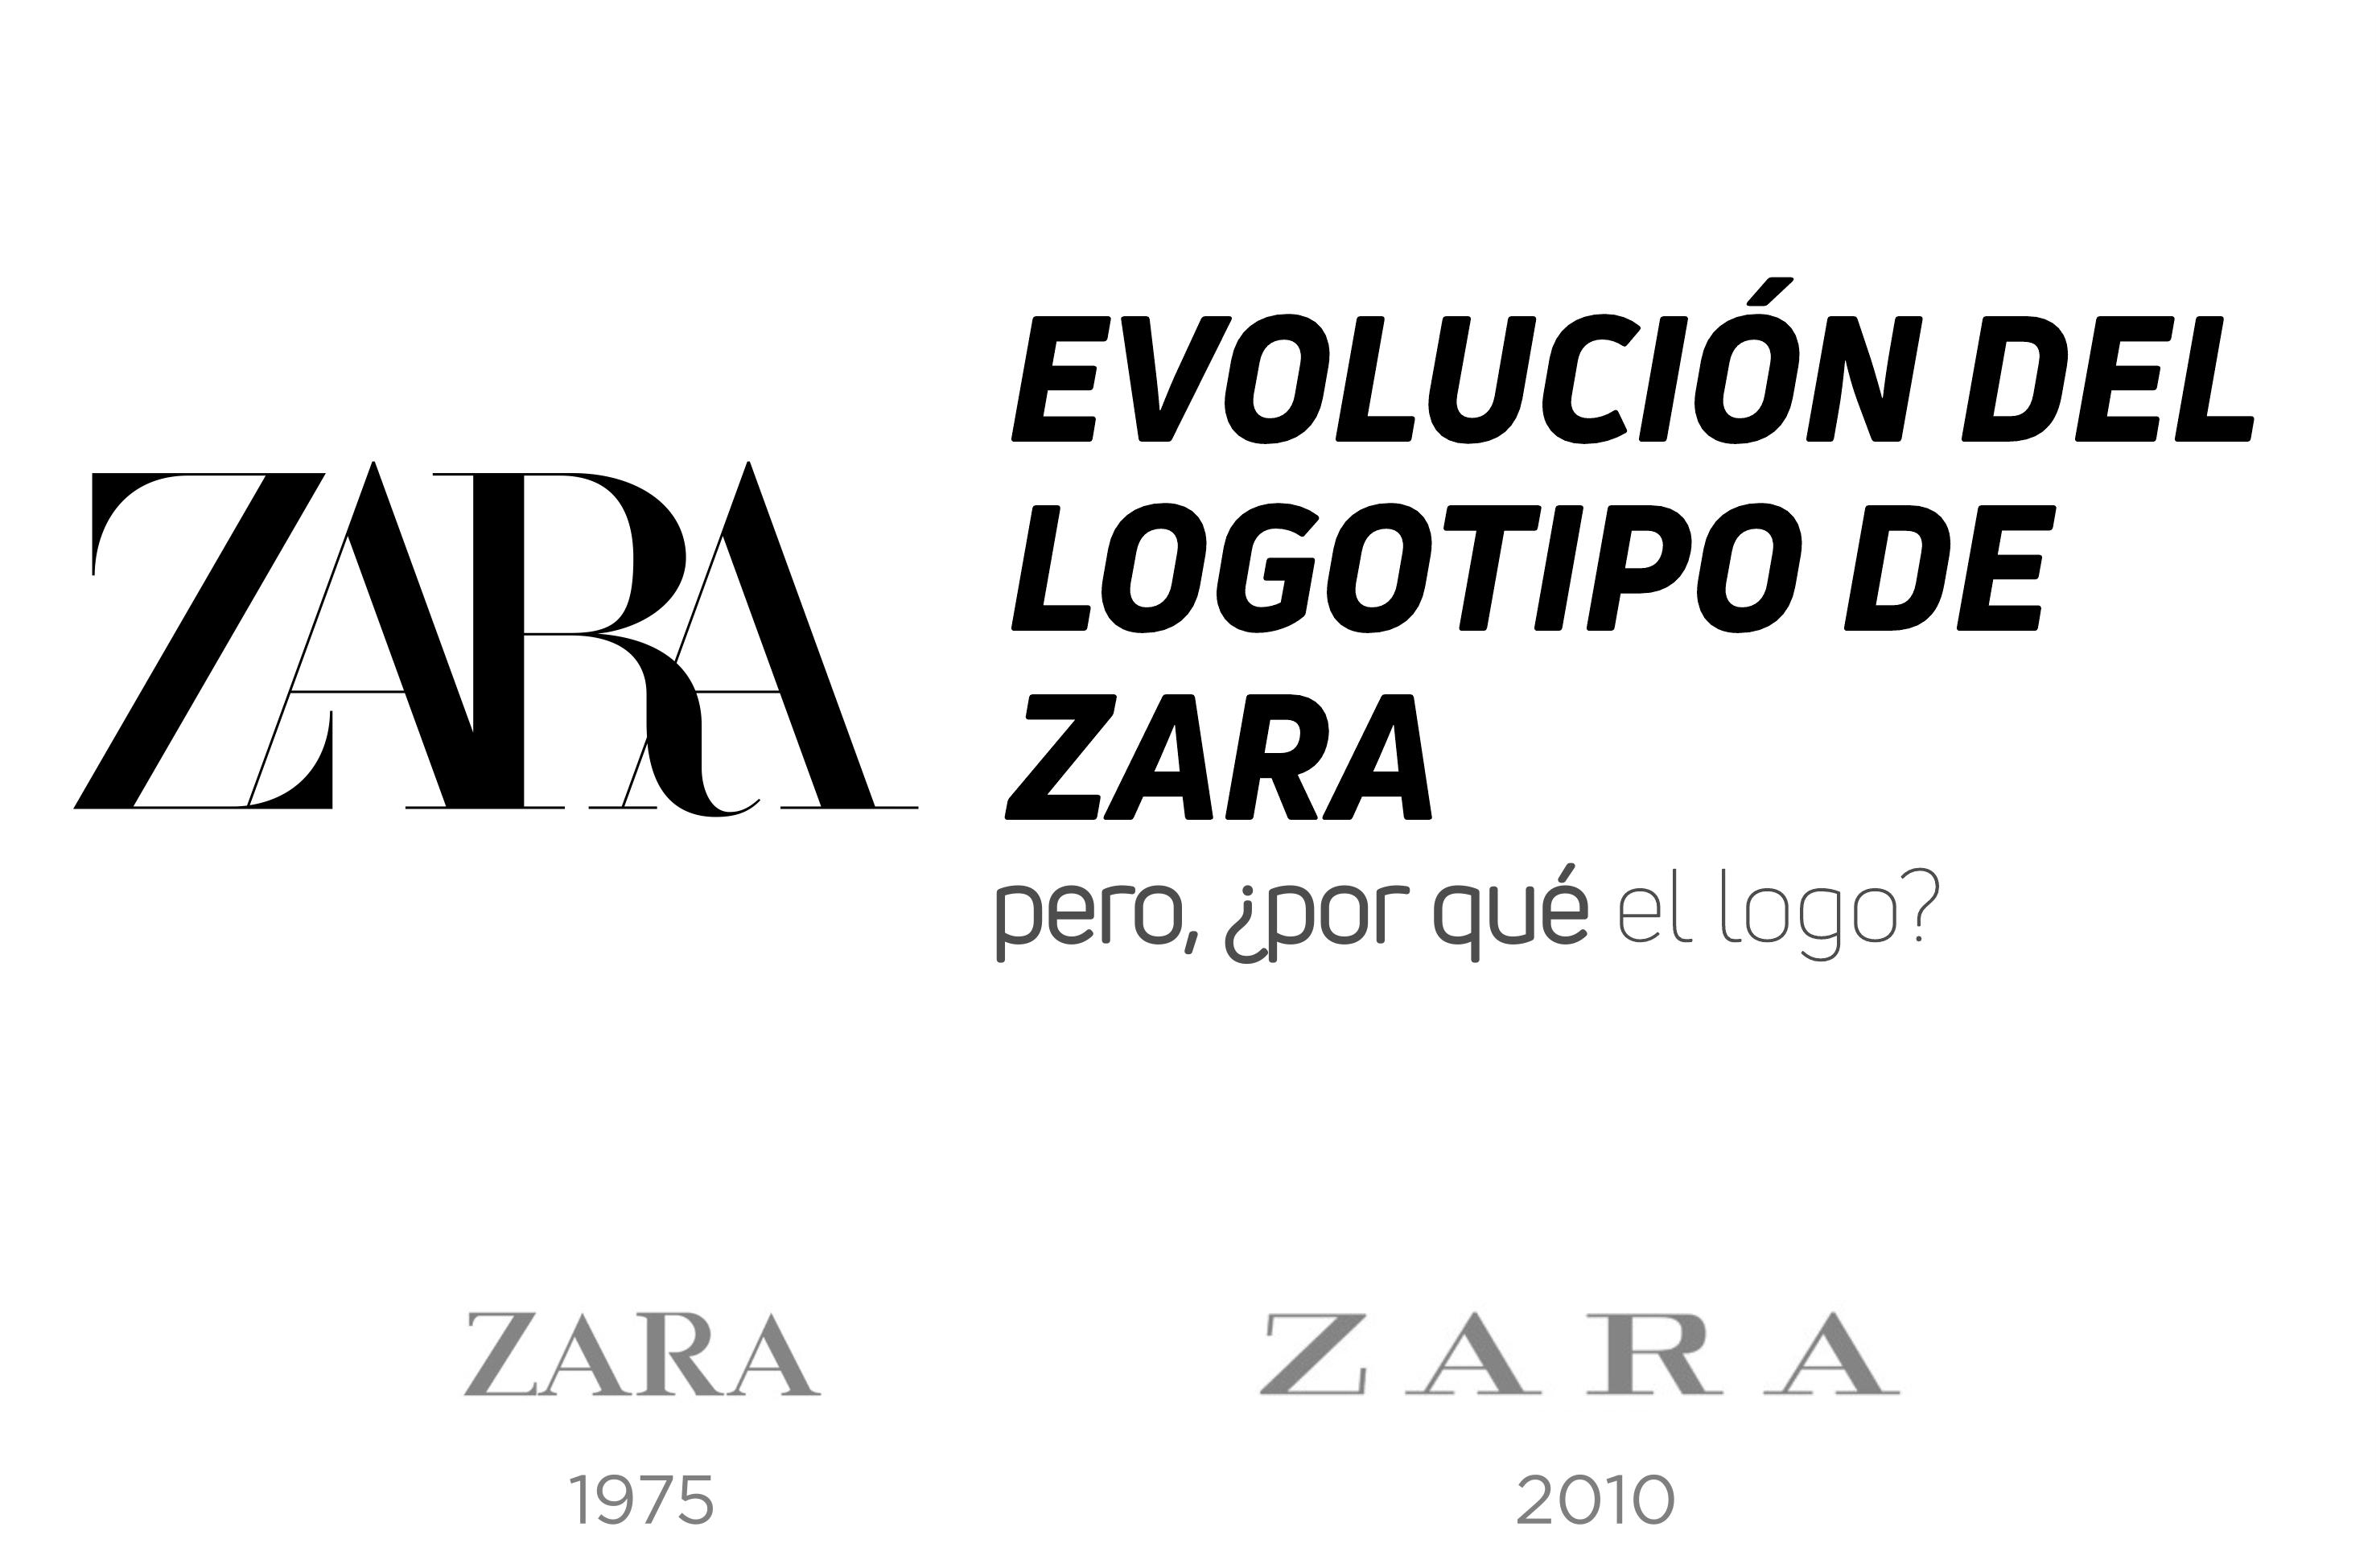 evolucion logo zara rebranding